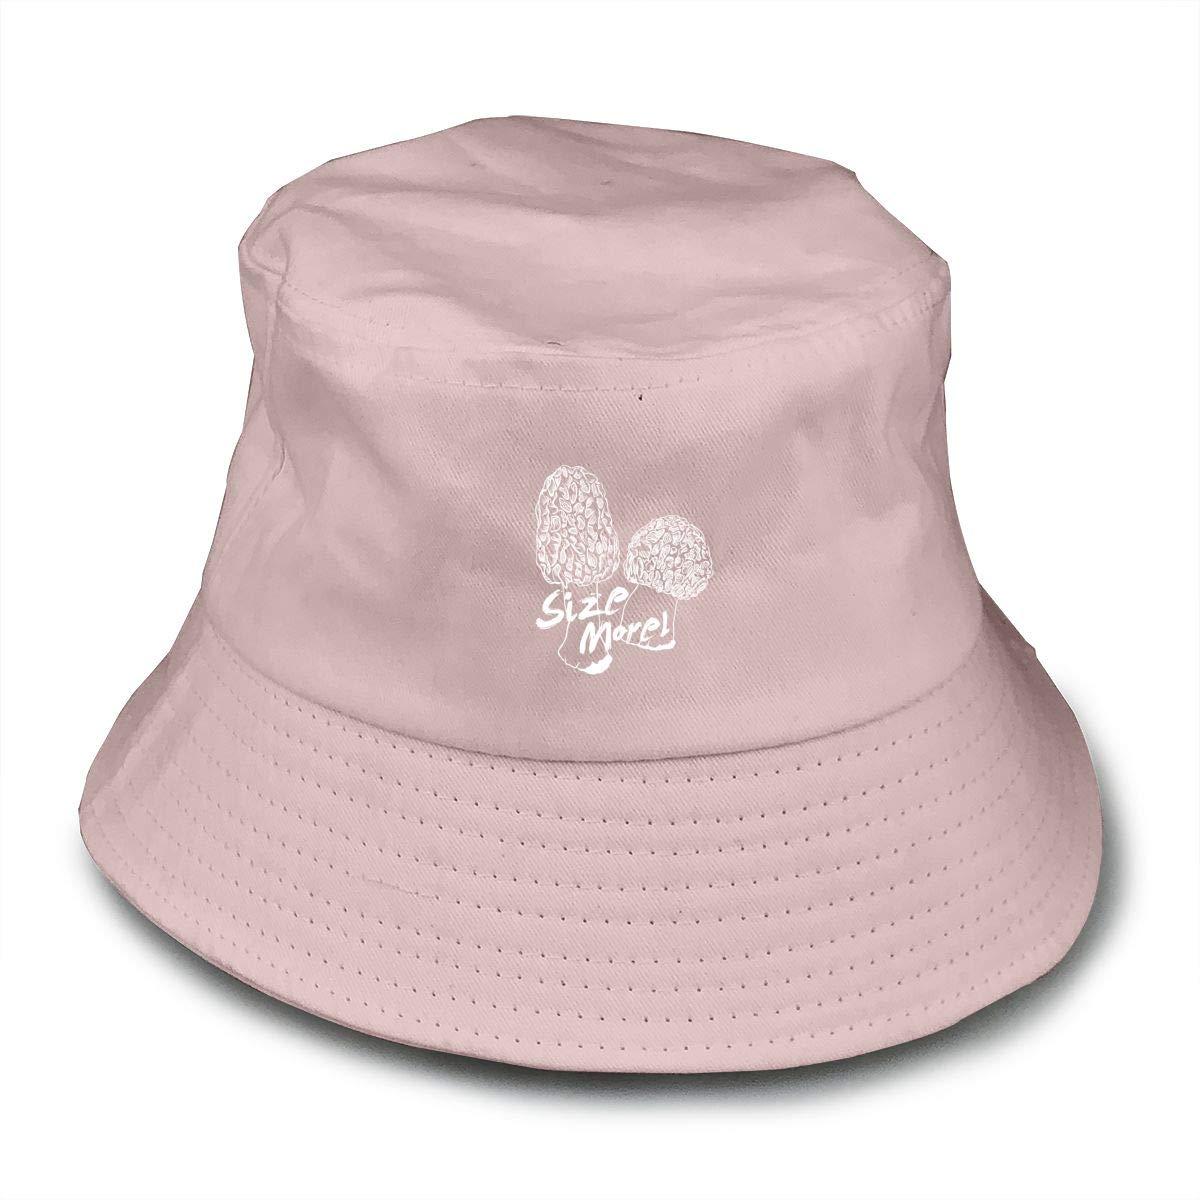 PPAN Size Morel Unisex Cotton Packable Black Travel Bucket Hat Fishing Cap